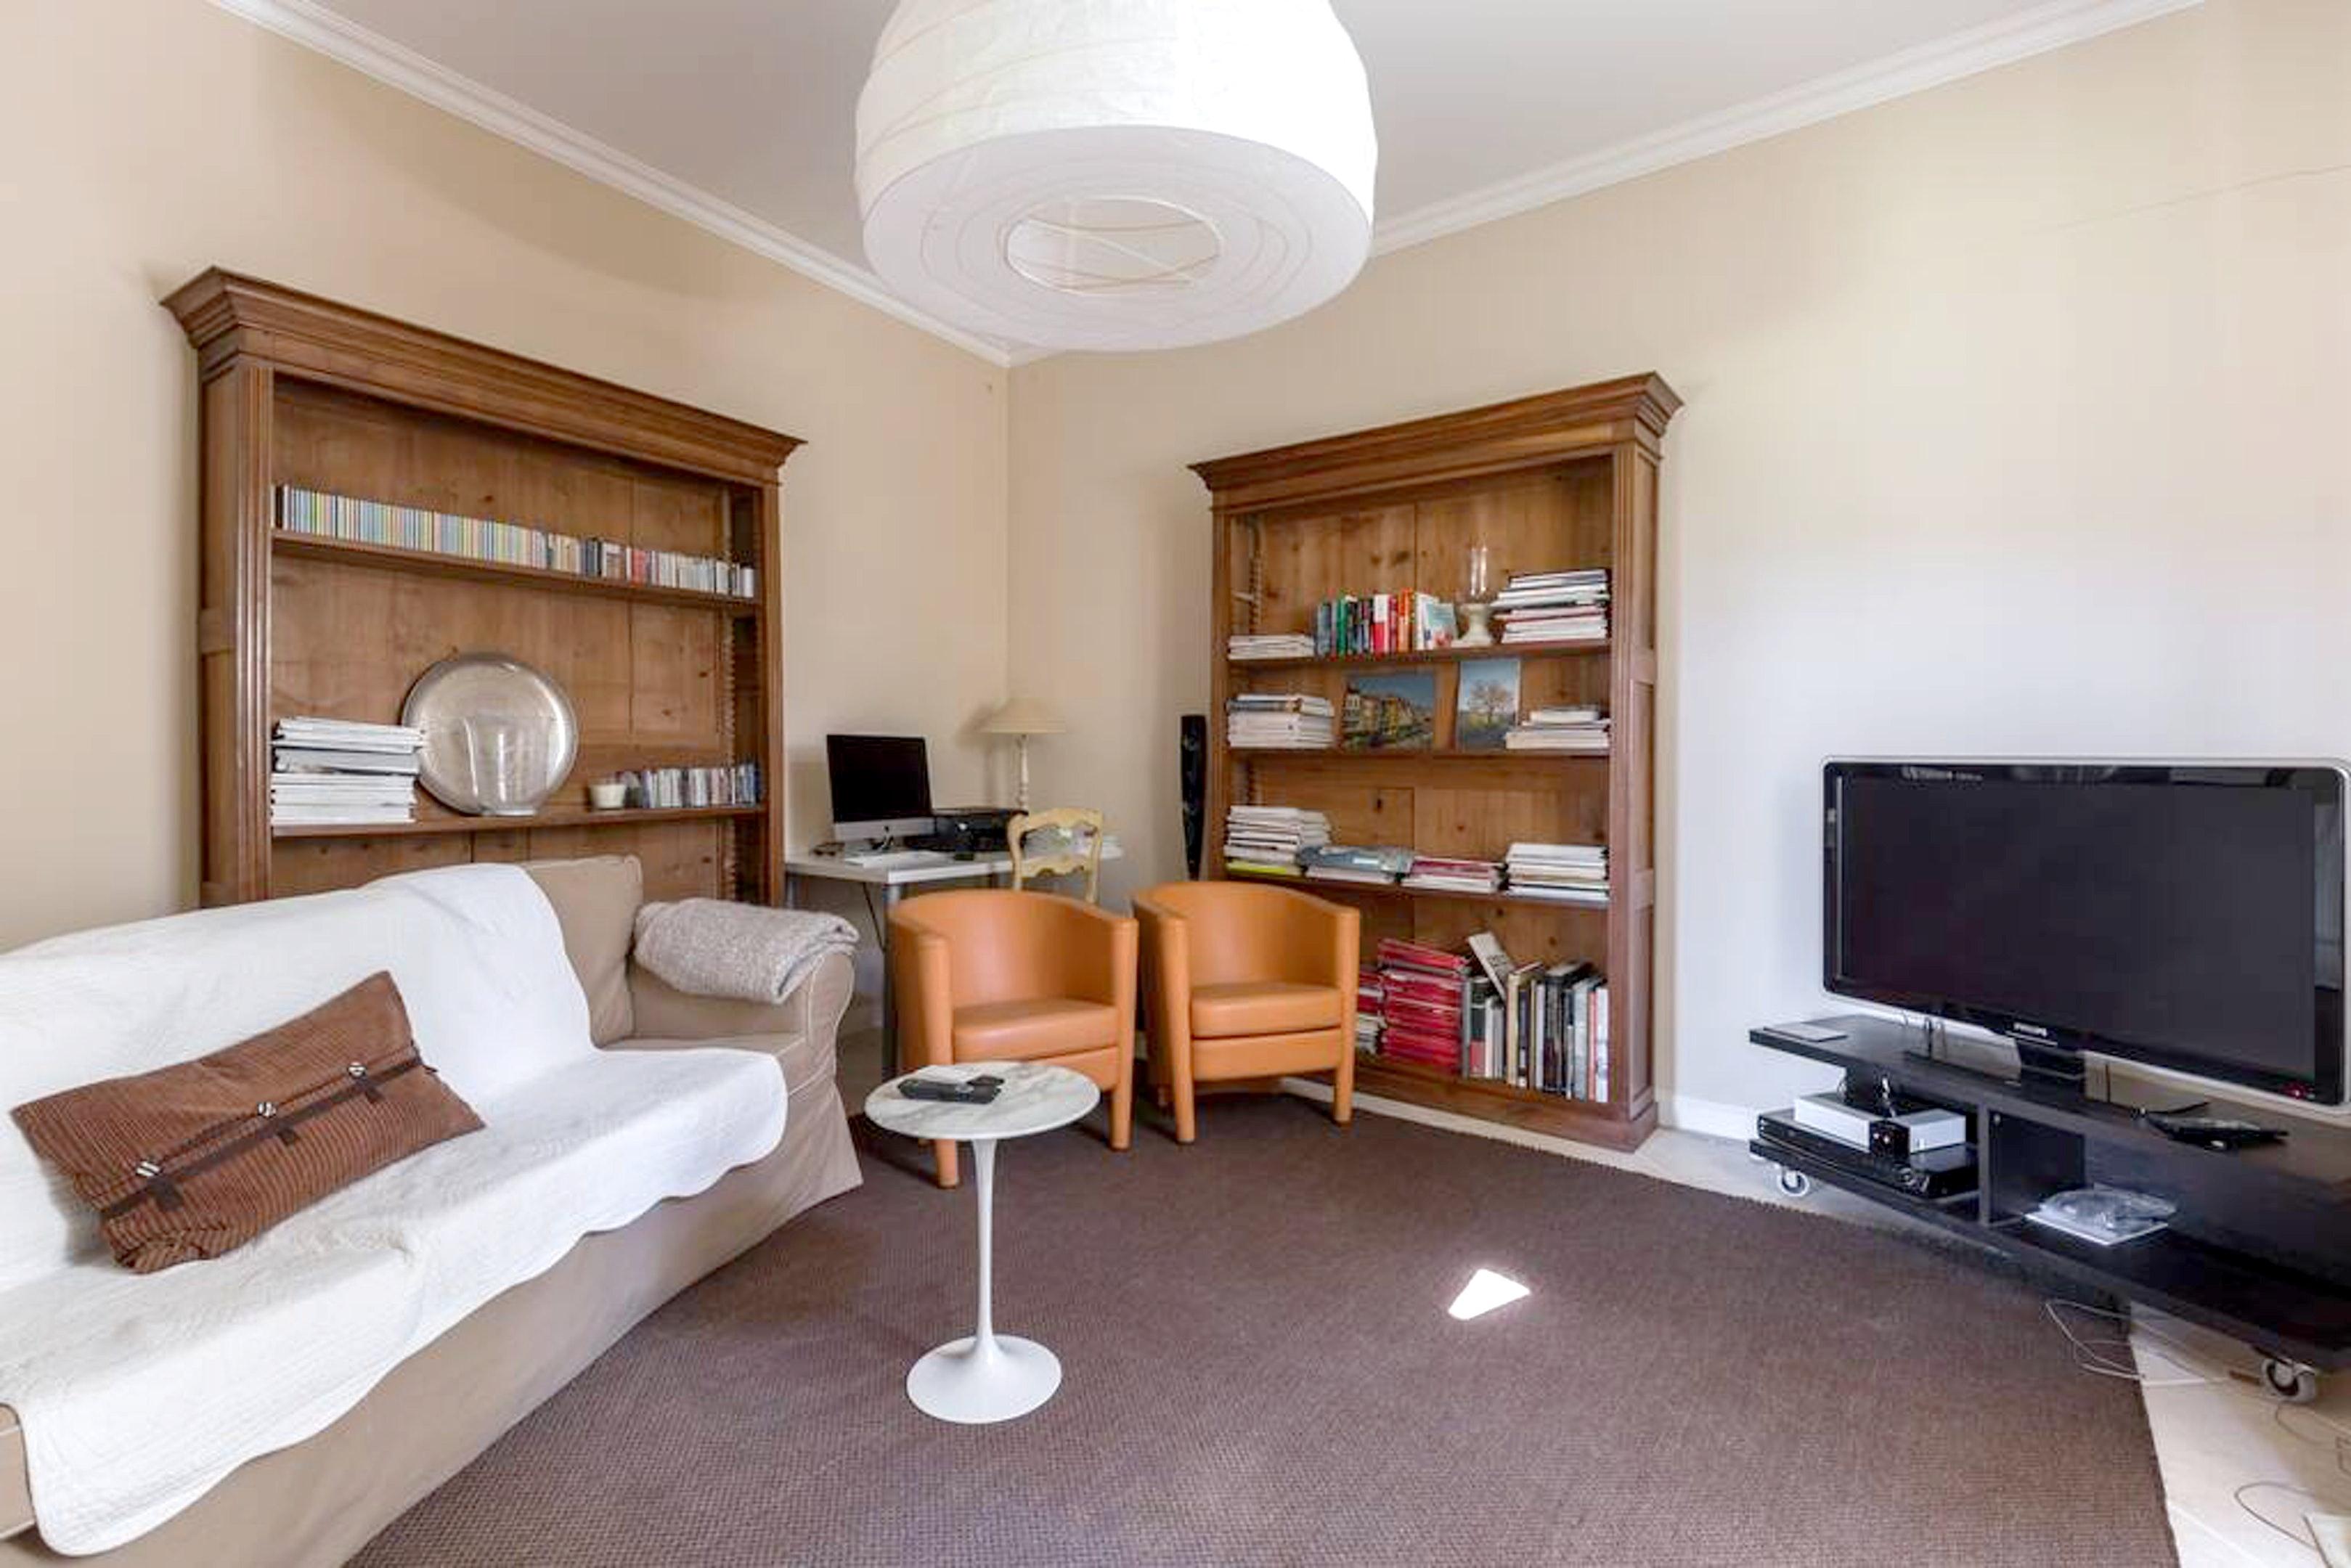 Maison de vacances Villa mit 6 Schlafzimmern in L'Isle-sur-la-Sorgue mit privatem Pool, möbliertem Garten und (2647203), L'Isle sur la Sorgue, Vaucluse, Provence - Alpes - Côte d'Azur, France, image 3